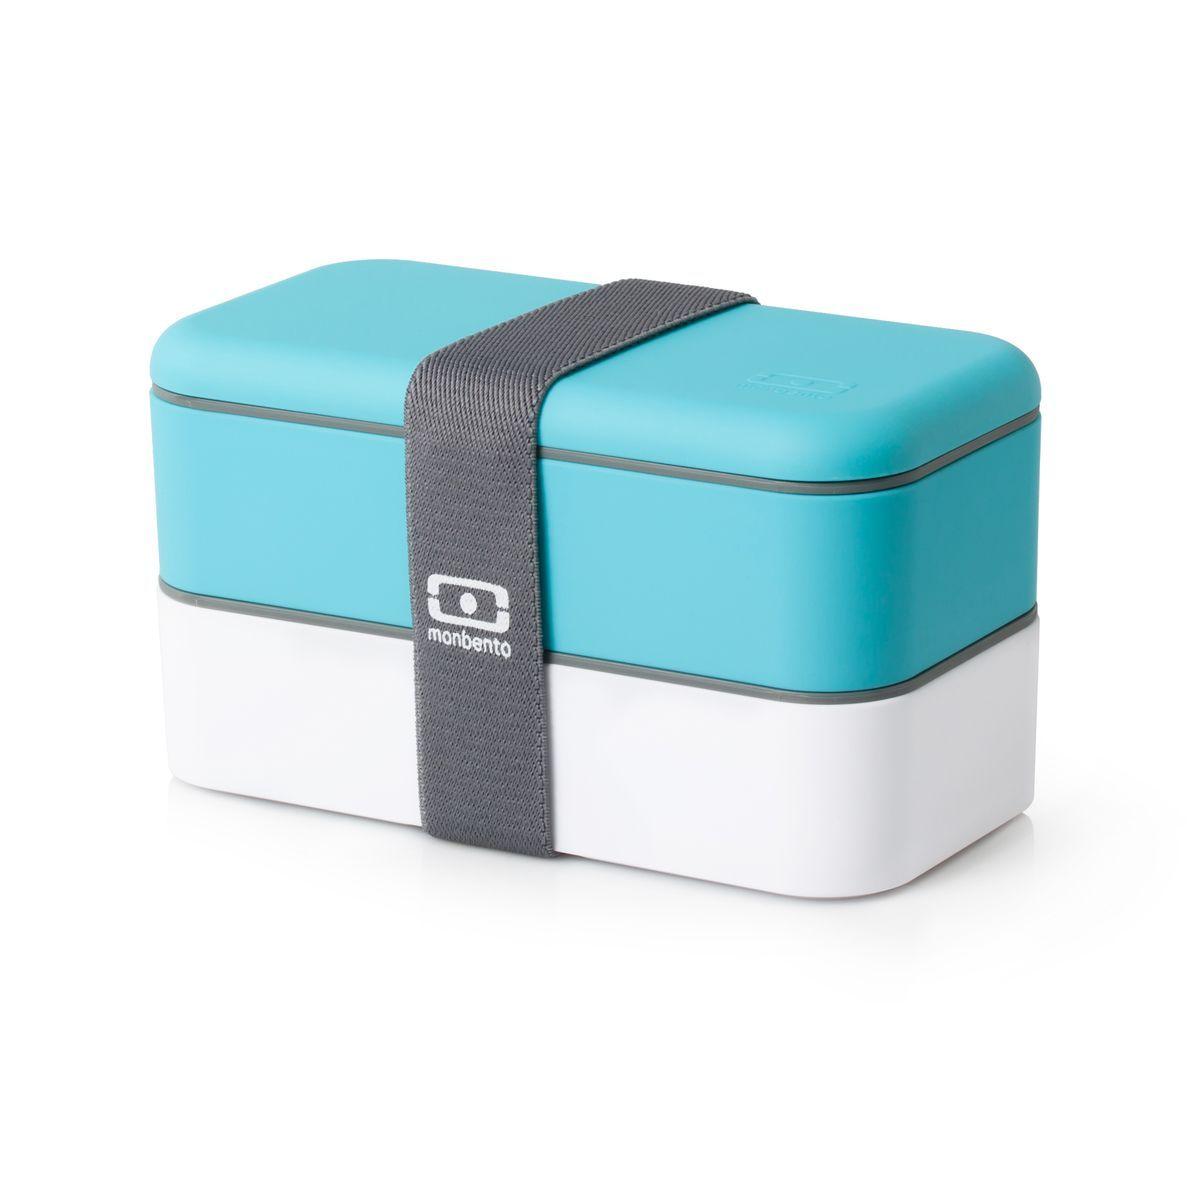 Ланч-бокс Monbento Original, цвет: белый, голубой, 1 лС552Ланчбокс Monbento Original изготовлен из высококачественного пищевого пластика с приятным на ощупь прорезиненным покрытием soft-touch. Предназначен для хранения и переноски пищевых продуктов. Ланчбокс представляет собой два прямоугольных контейнера, в которых удобно хранить различные блюда. В комплекте также предусмотрена емкость для соуса, которая удобно помещается в одном из контейнеров. Контейнеры вакуумные, что позволяет продуктам дольше оставаться свежими и вкусными. Боксы дополнительно фиксируются друг над другом эластичным ремешком. Компактные размеры позволят хранить ланчбокс в любой сумке. Его удобно взять с собой на работу, отдых, в поездку. Теперь любимая домашняя еда всегда будет под рукой, а яркий дизайн поднимет настроение и подарит заряд позитива. Можно использовать в микроволновой печи и для хранения пищи в холодильнике, можно мыть в посудомоечной машине. В крышке каждого контейнера - специальная пробка, которую надо вытащить, если вы разогреваете еду. Объем одного контейнера: 0,5 л. Общий размер ланчбокса: 18 см х 9 см х 10,5 см. Размер контейнера: 18 см х 9 см х 4,5 см. Размер емкости для соуса: 8,5 см х 4,5 см х 3 см.Объем емкости для соуса: 0,1 л.